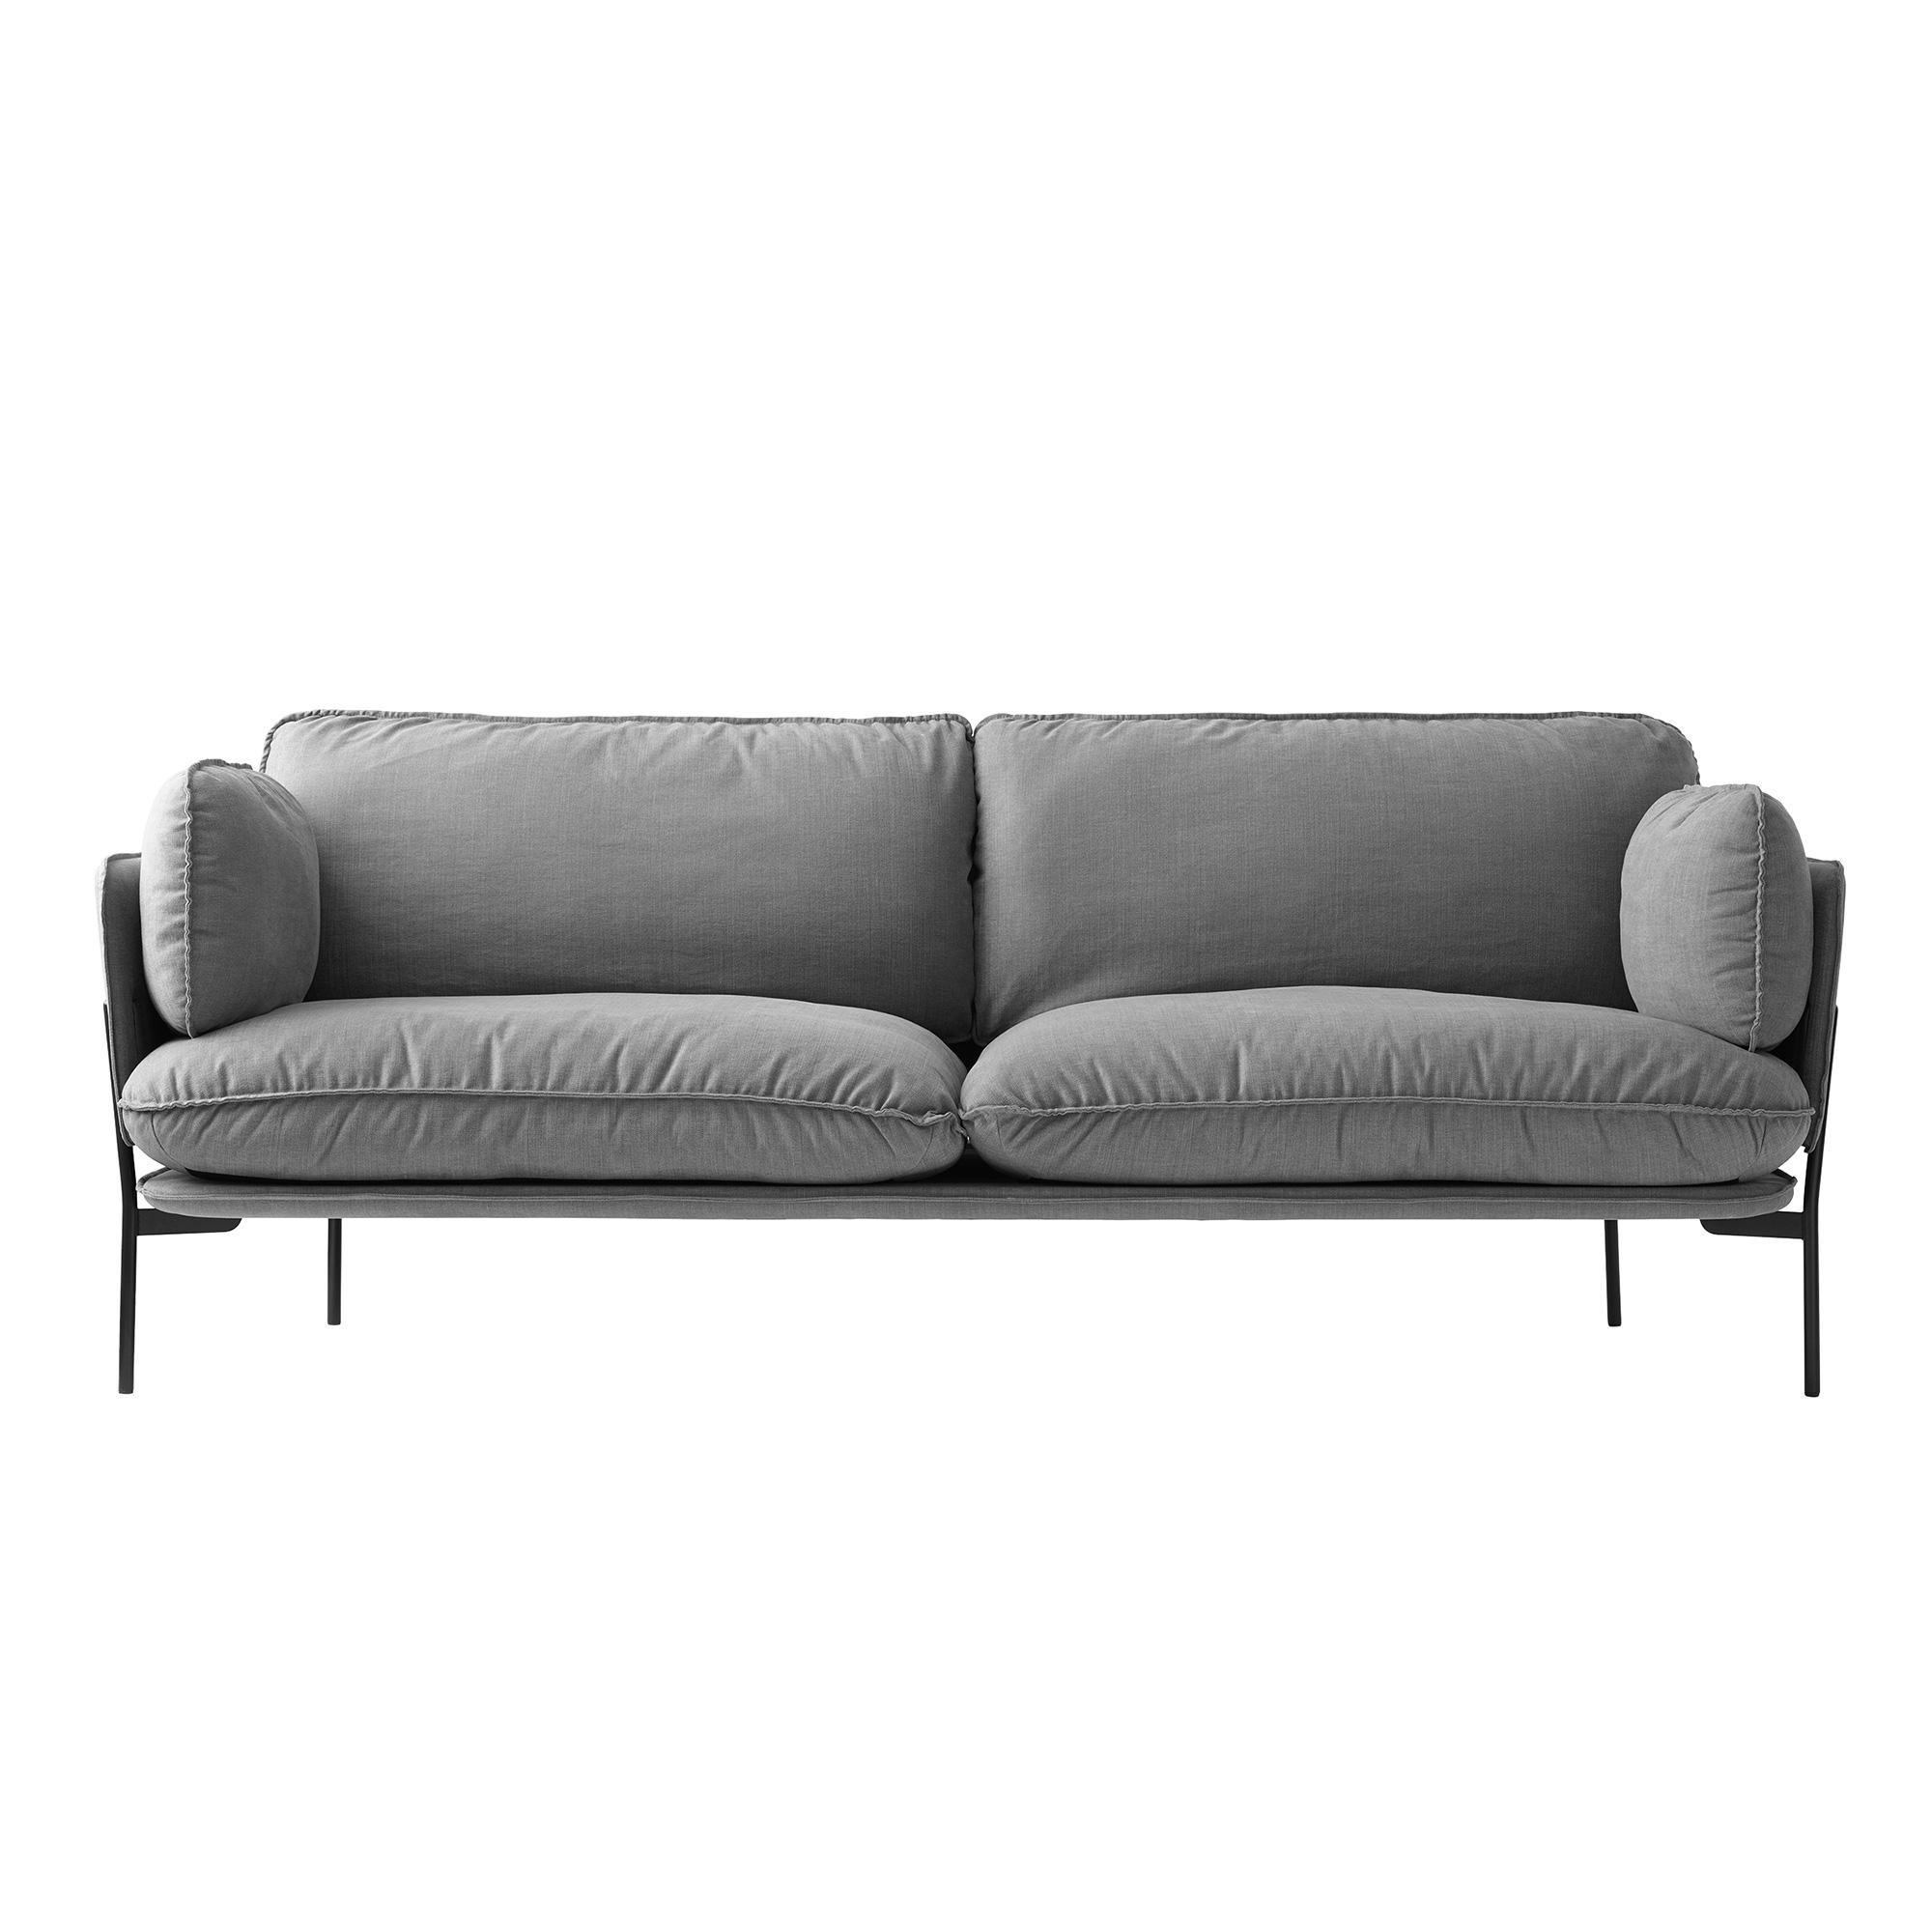 Full Size of Tradition Cloud Ln32 3 Seater Sofa Ambientedirect Hocker 180x200 Bett Mit Matratze Und Lattenrost 140x200 Massiv Betten Kaufen Reiniger Englisches Blaues Sofa Sofa 3 2 1 Sitzer